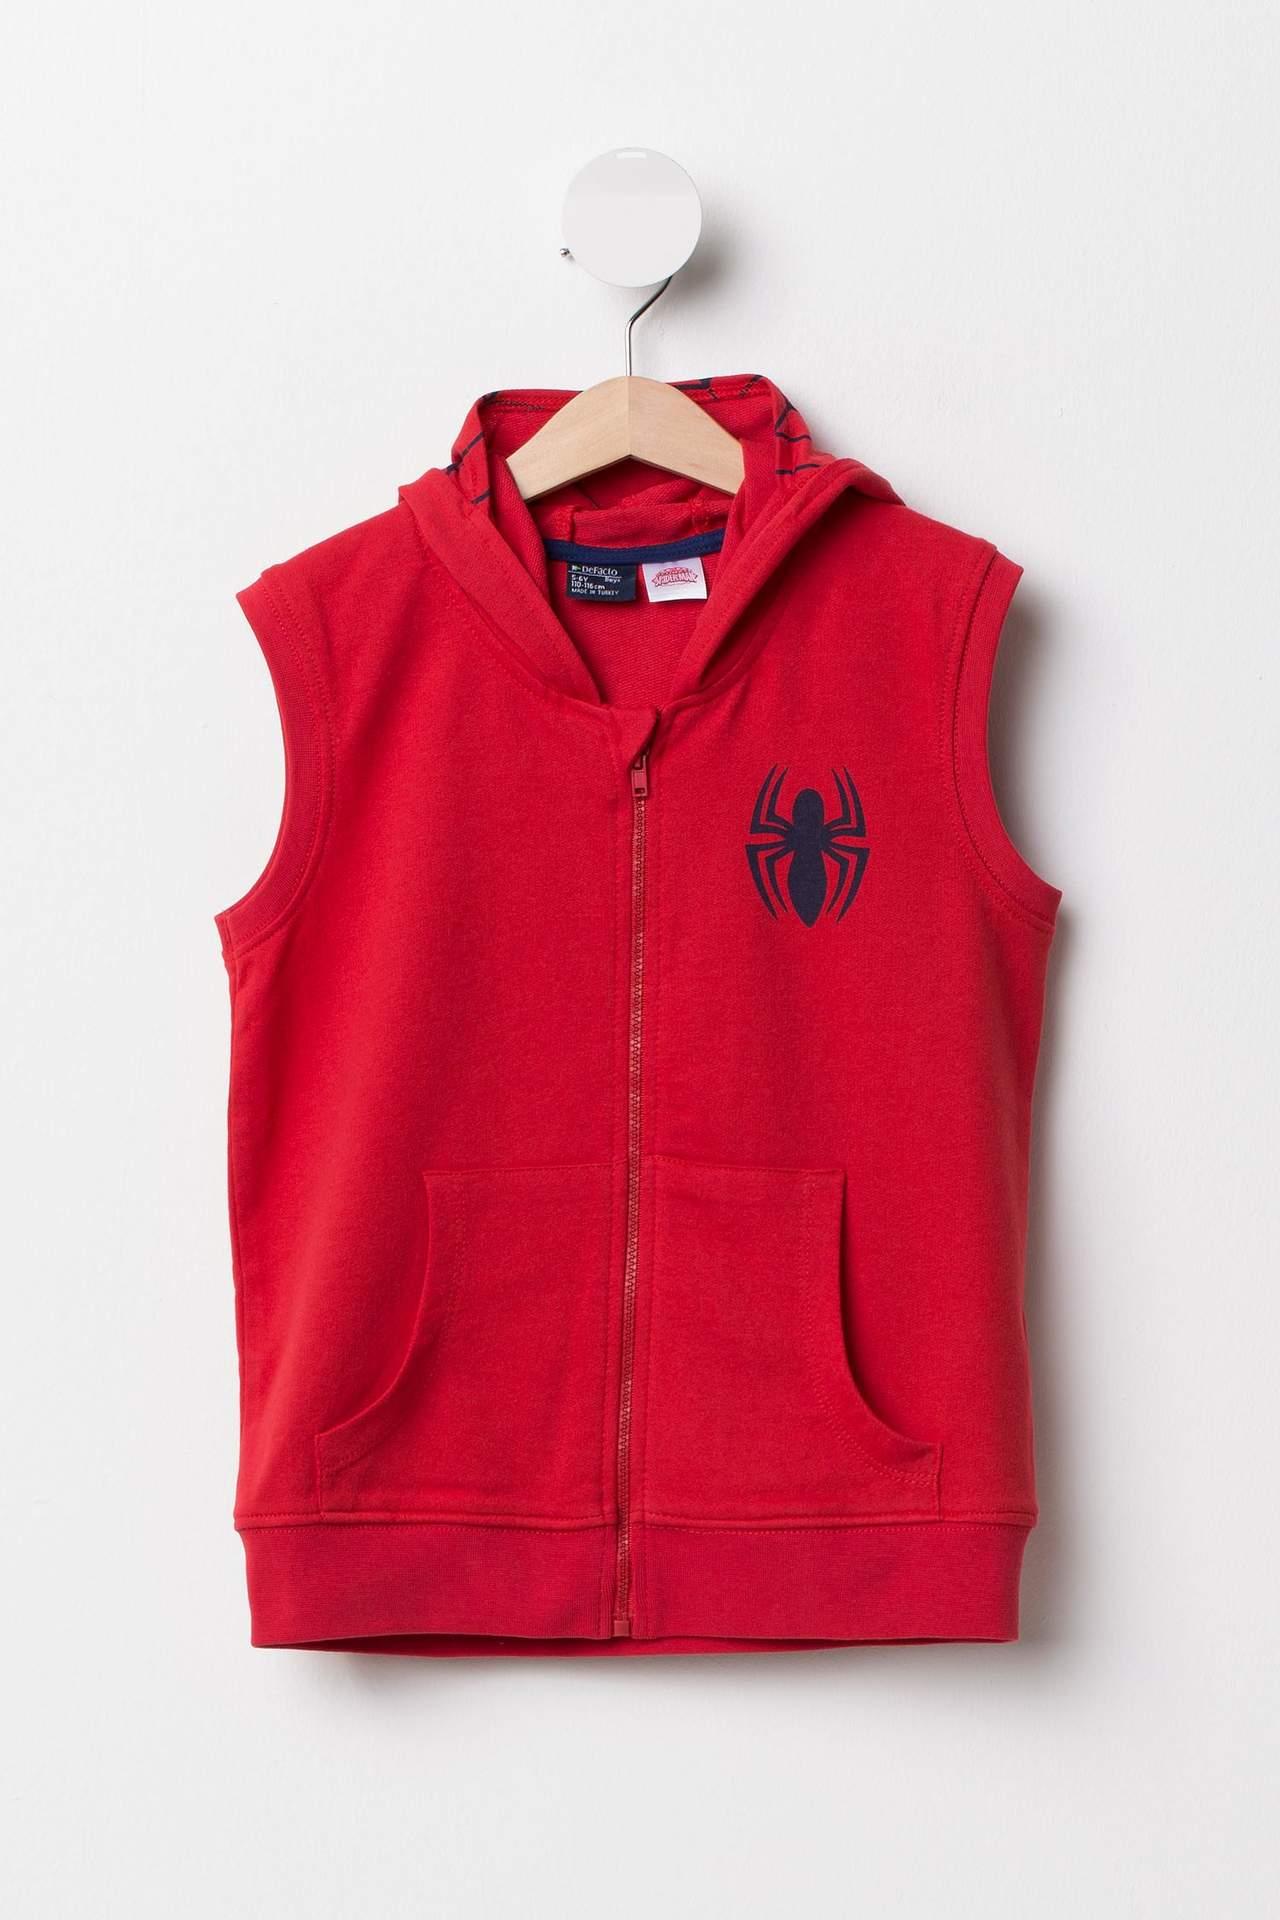 DeFacto Erkek Çocuk Spiderman Lisanslı Yelek Kırmızı male